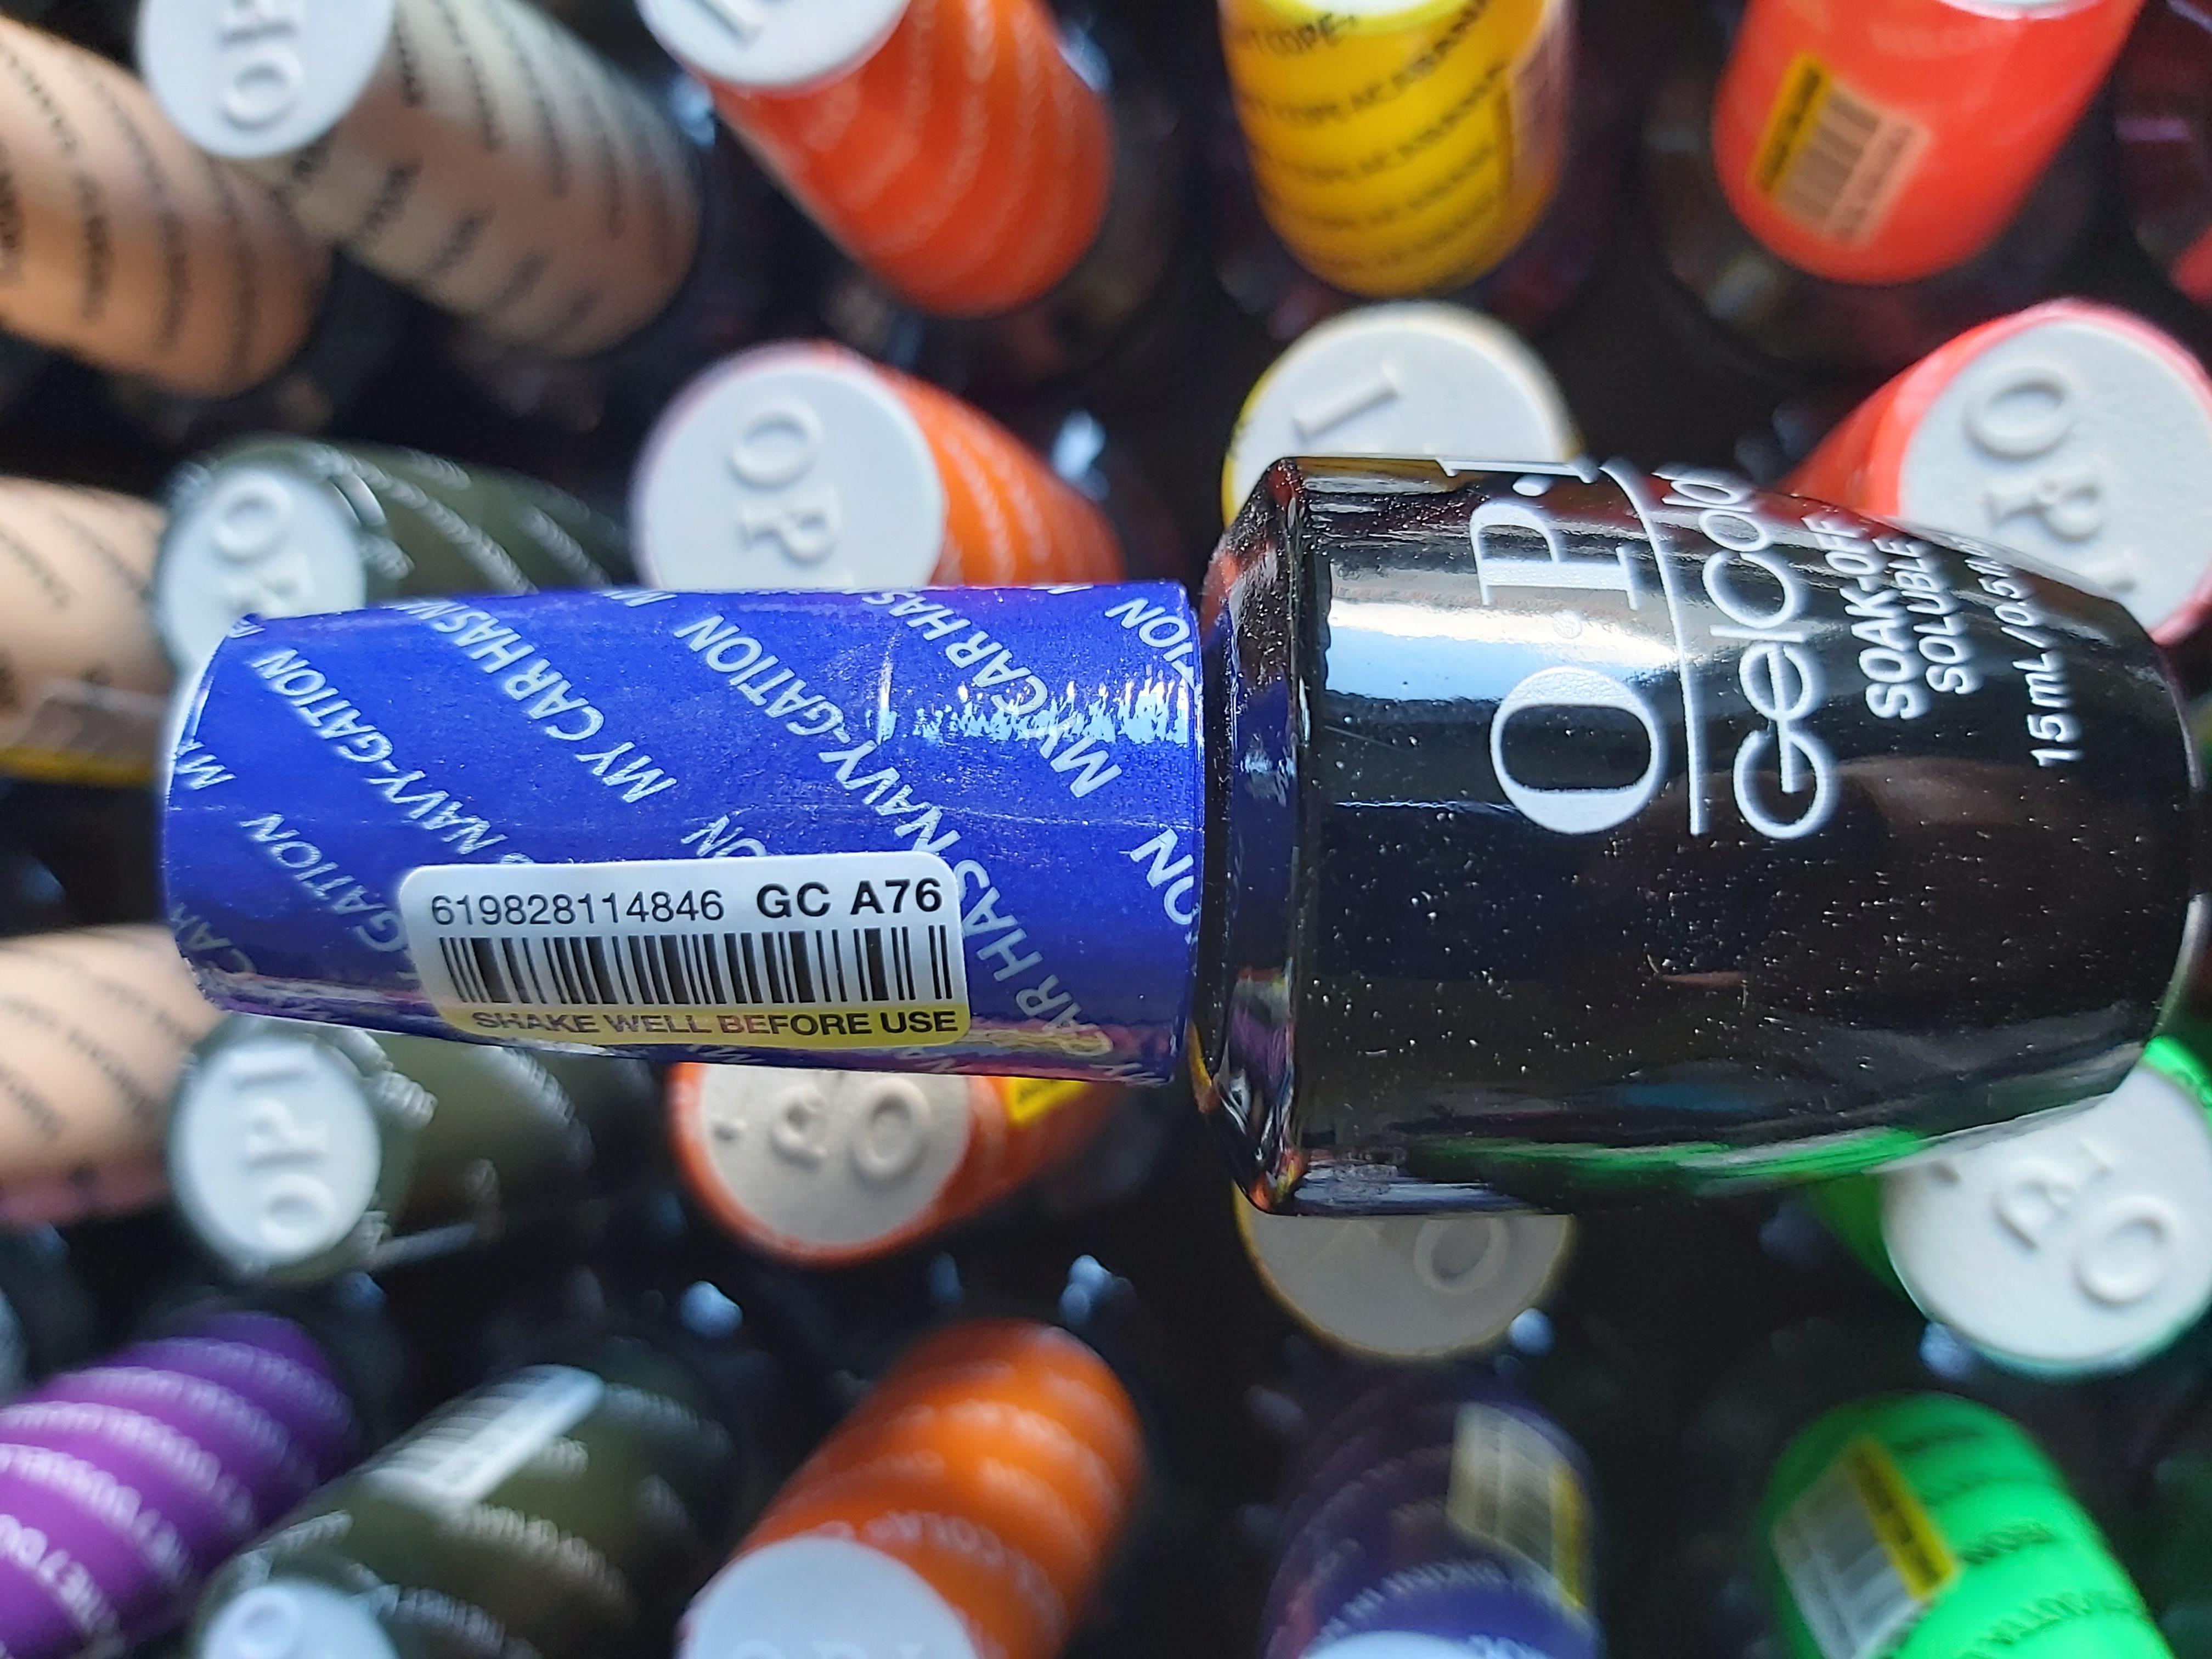 OPI Gel Color Soak-off Gel A76 My car has Navi-gation Blau Blue